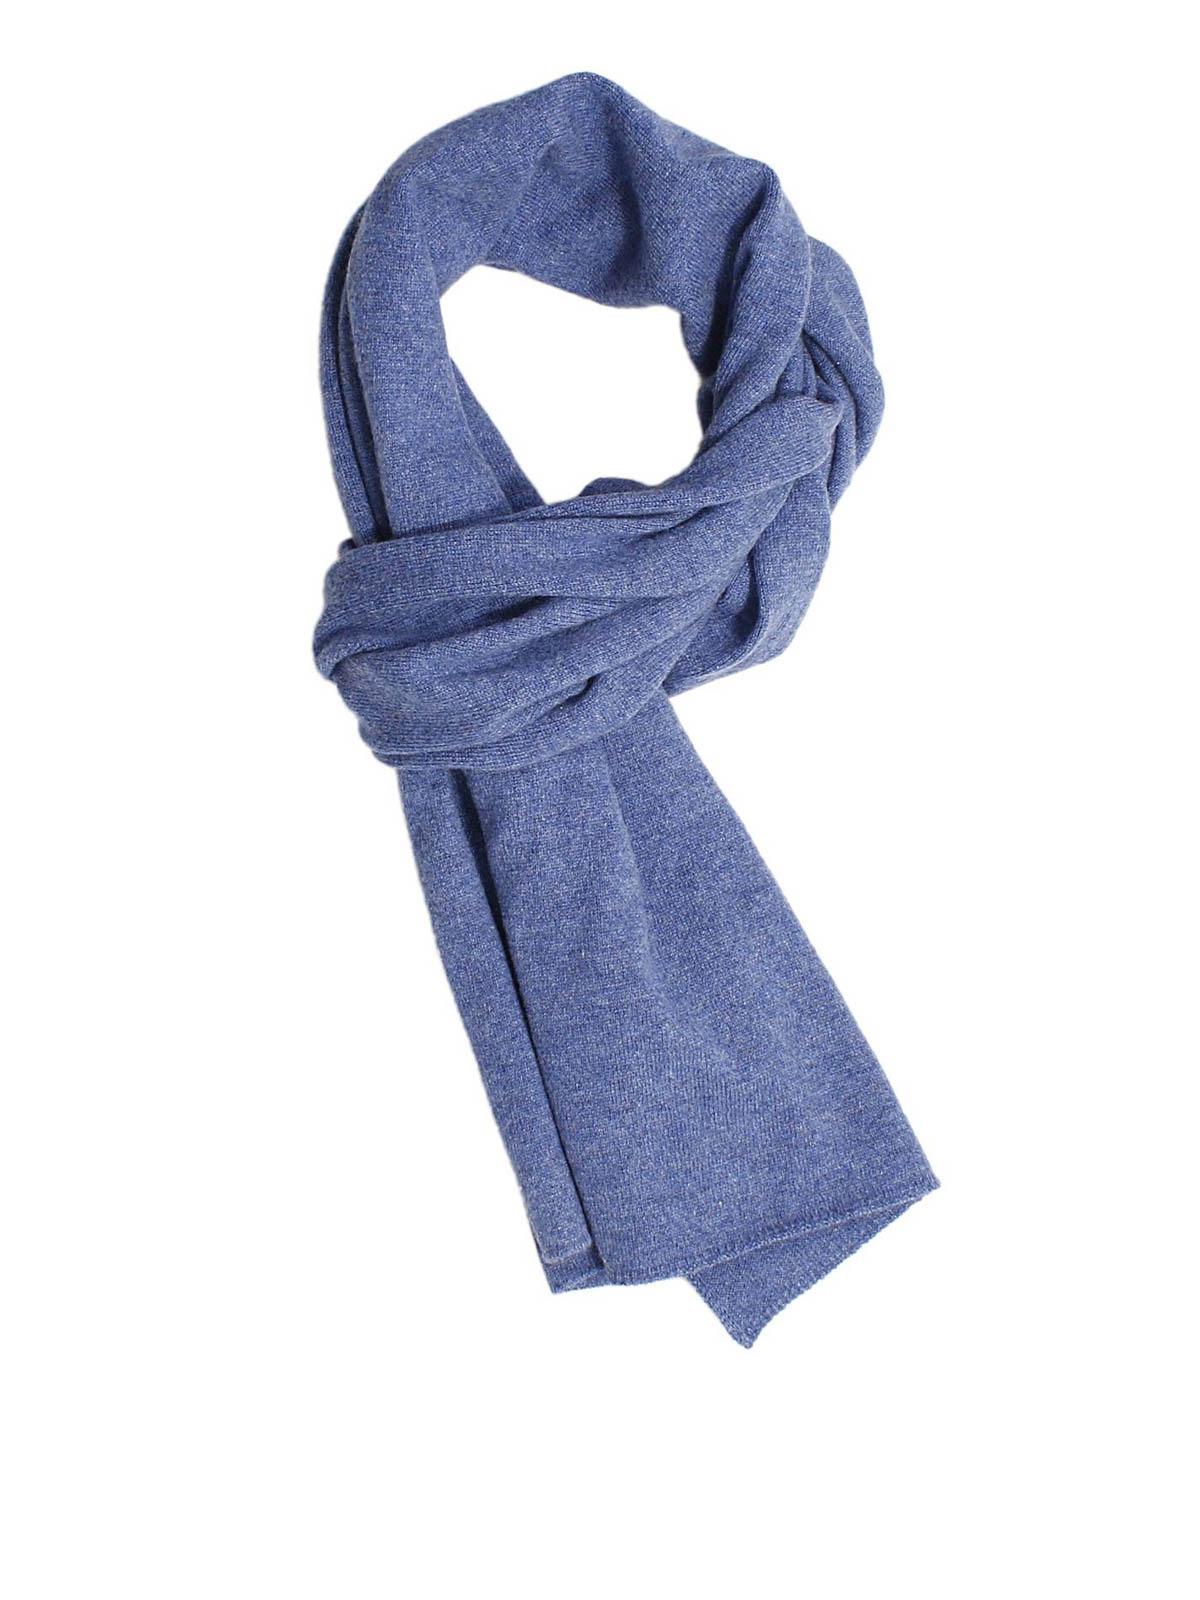 newest e207b 10541 Cruciani - Sciarpa in cashmere - sciarpe e foulard - MG3 ...